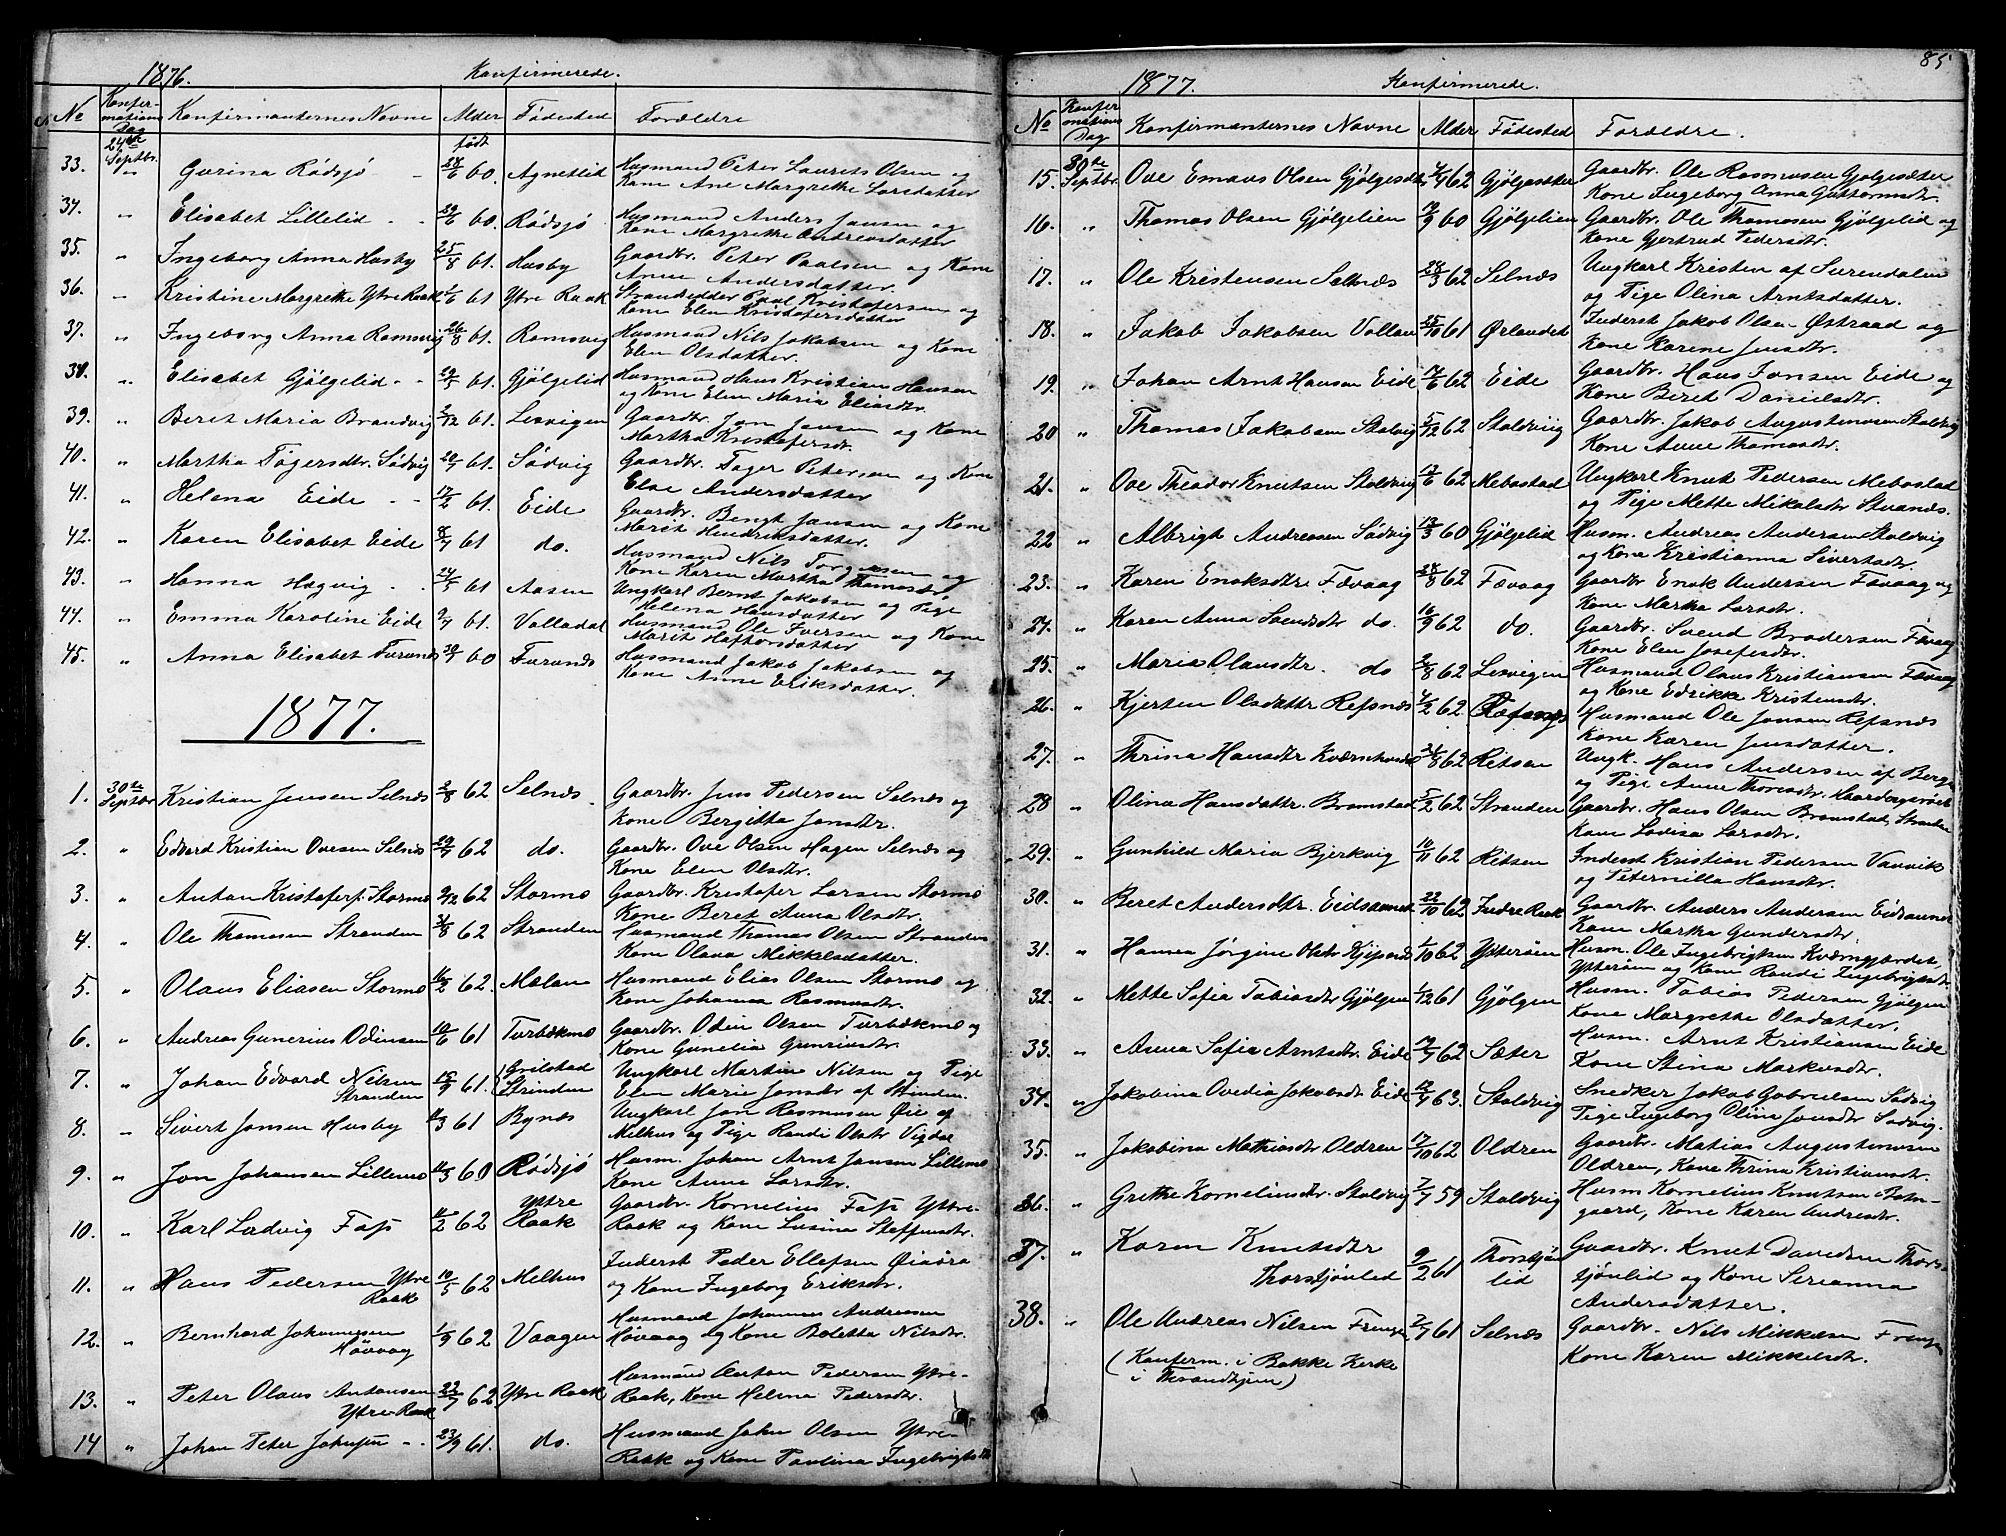 SAT, Ministerialprotokoller, klokkerbøker og fødselsregistre - Sør-Trøndelag, 653/L0657: Klokkerbok nr. 653C01, 1866-1893, s. 85